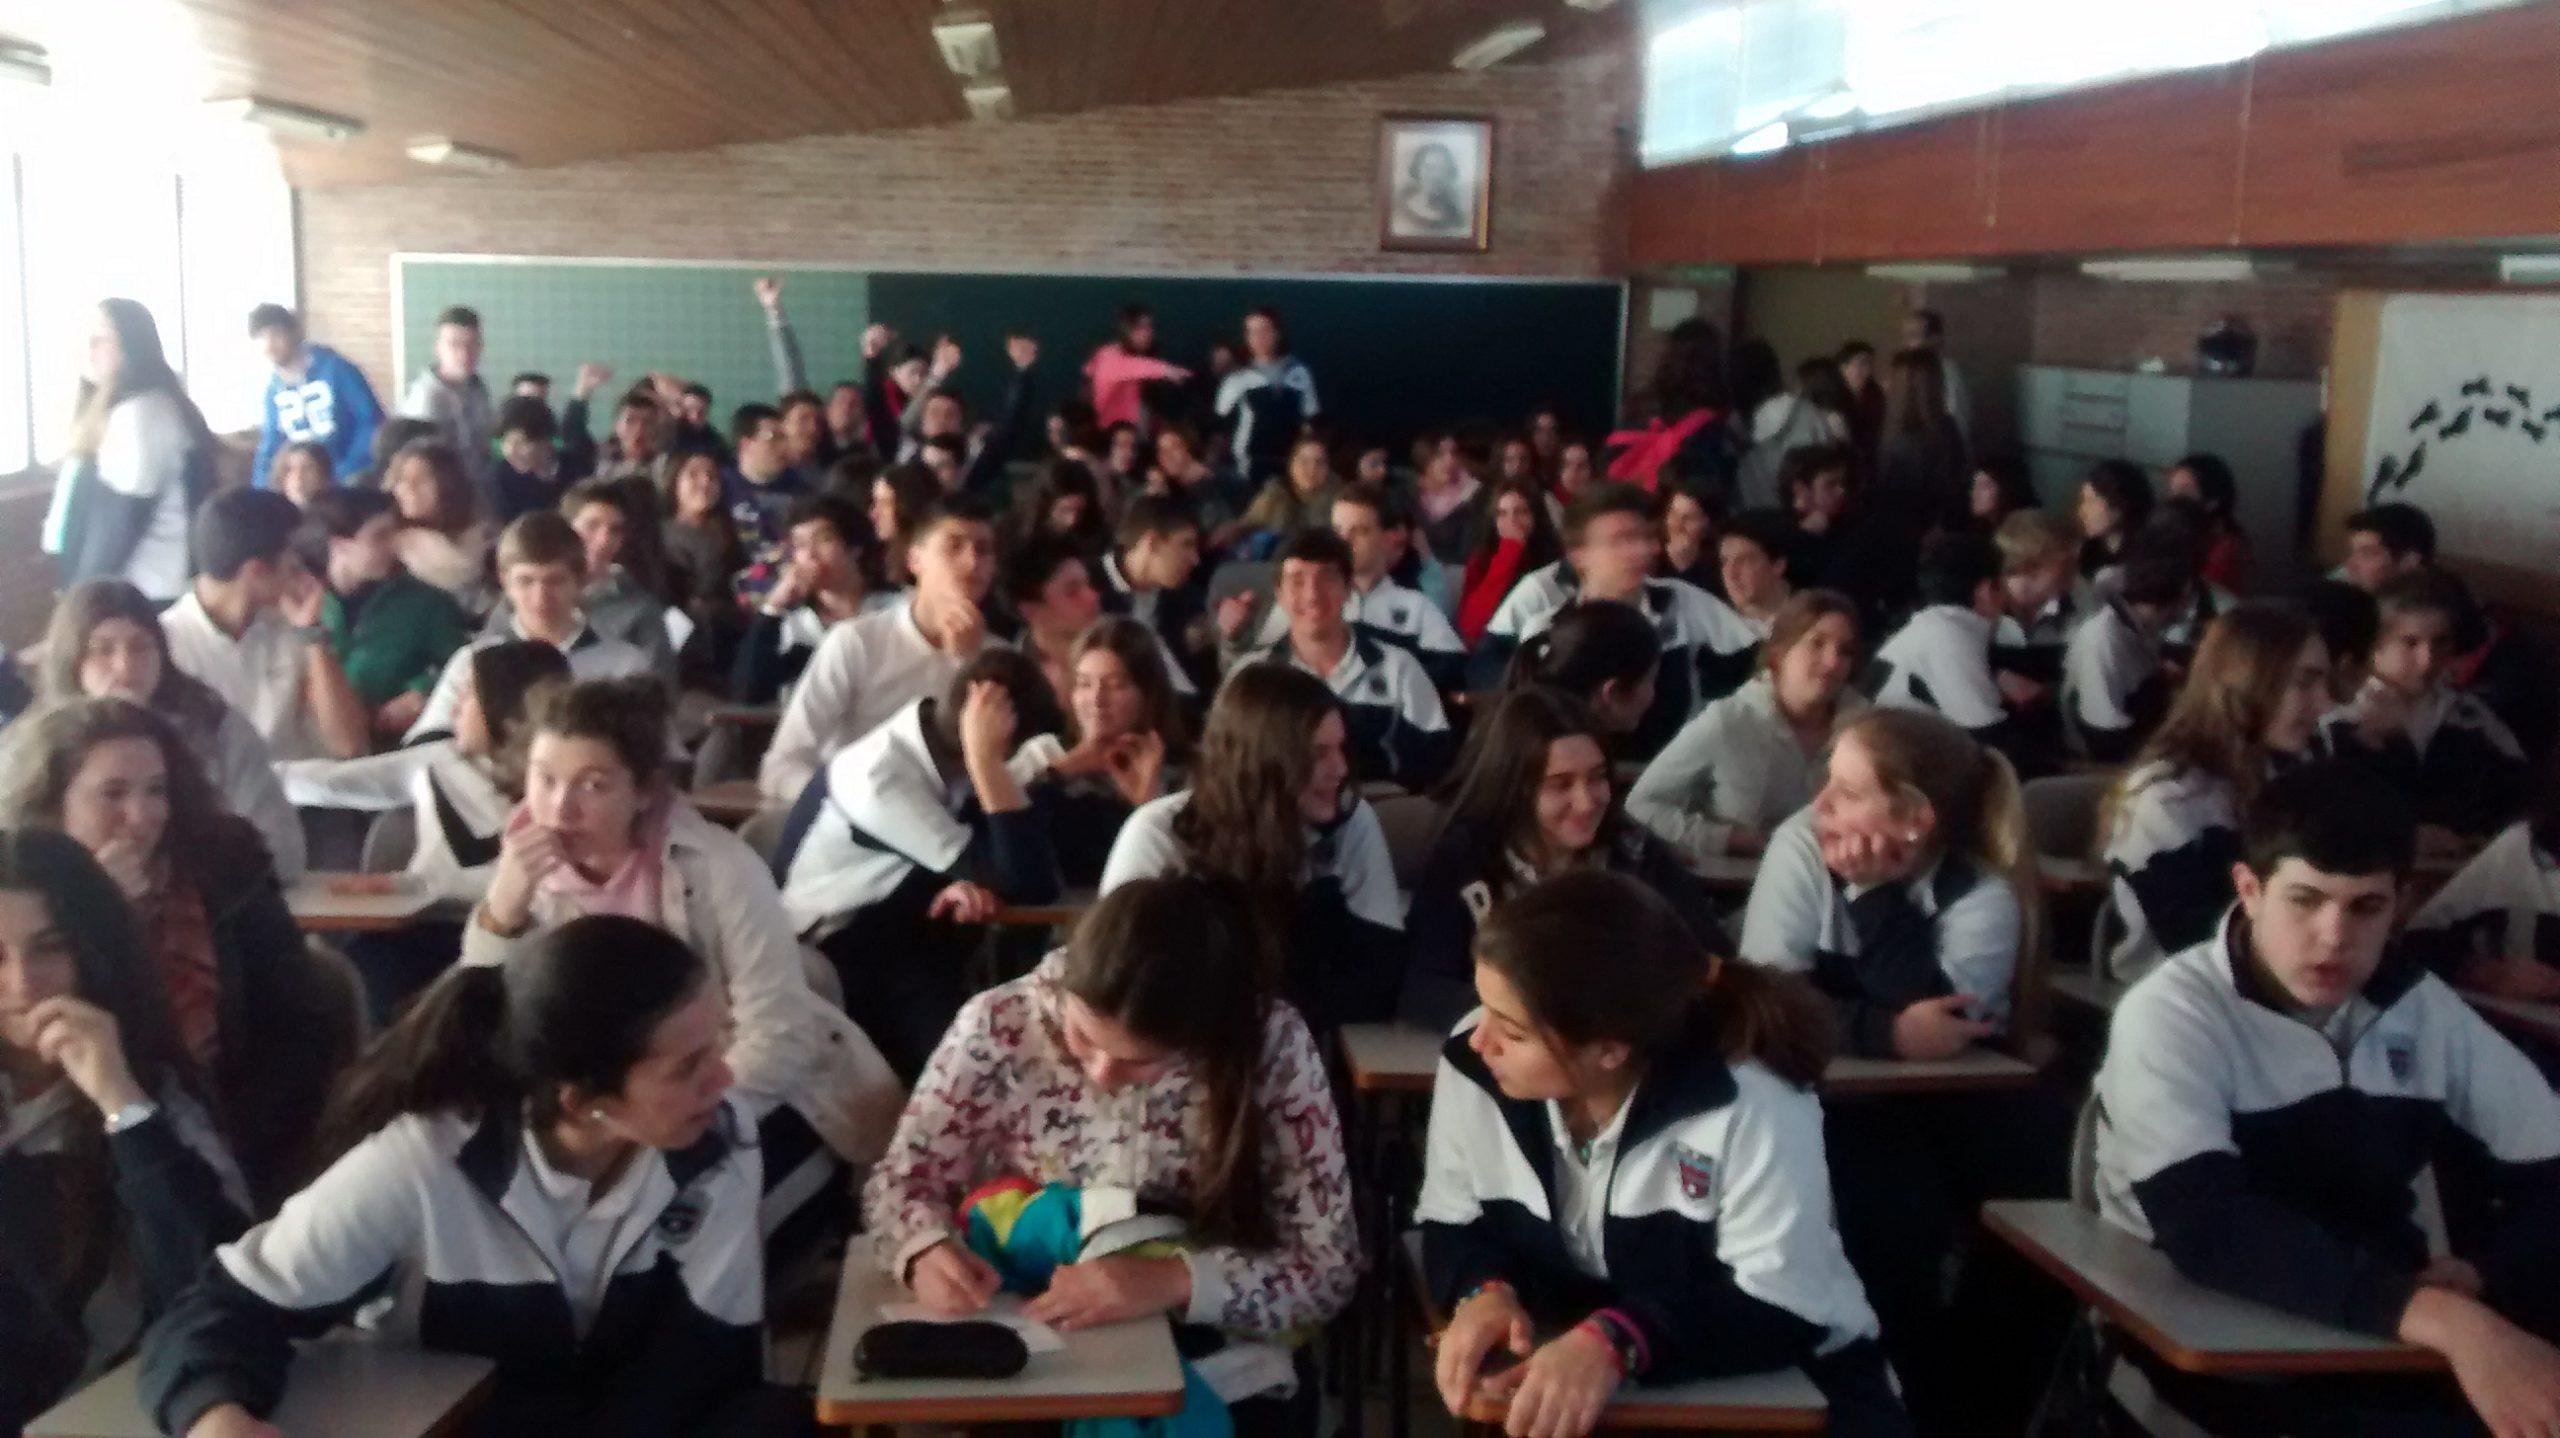 Jornada de Orientación en el colegio Bética Mudarra, 5 marzo 2015.